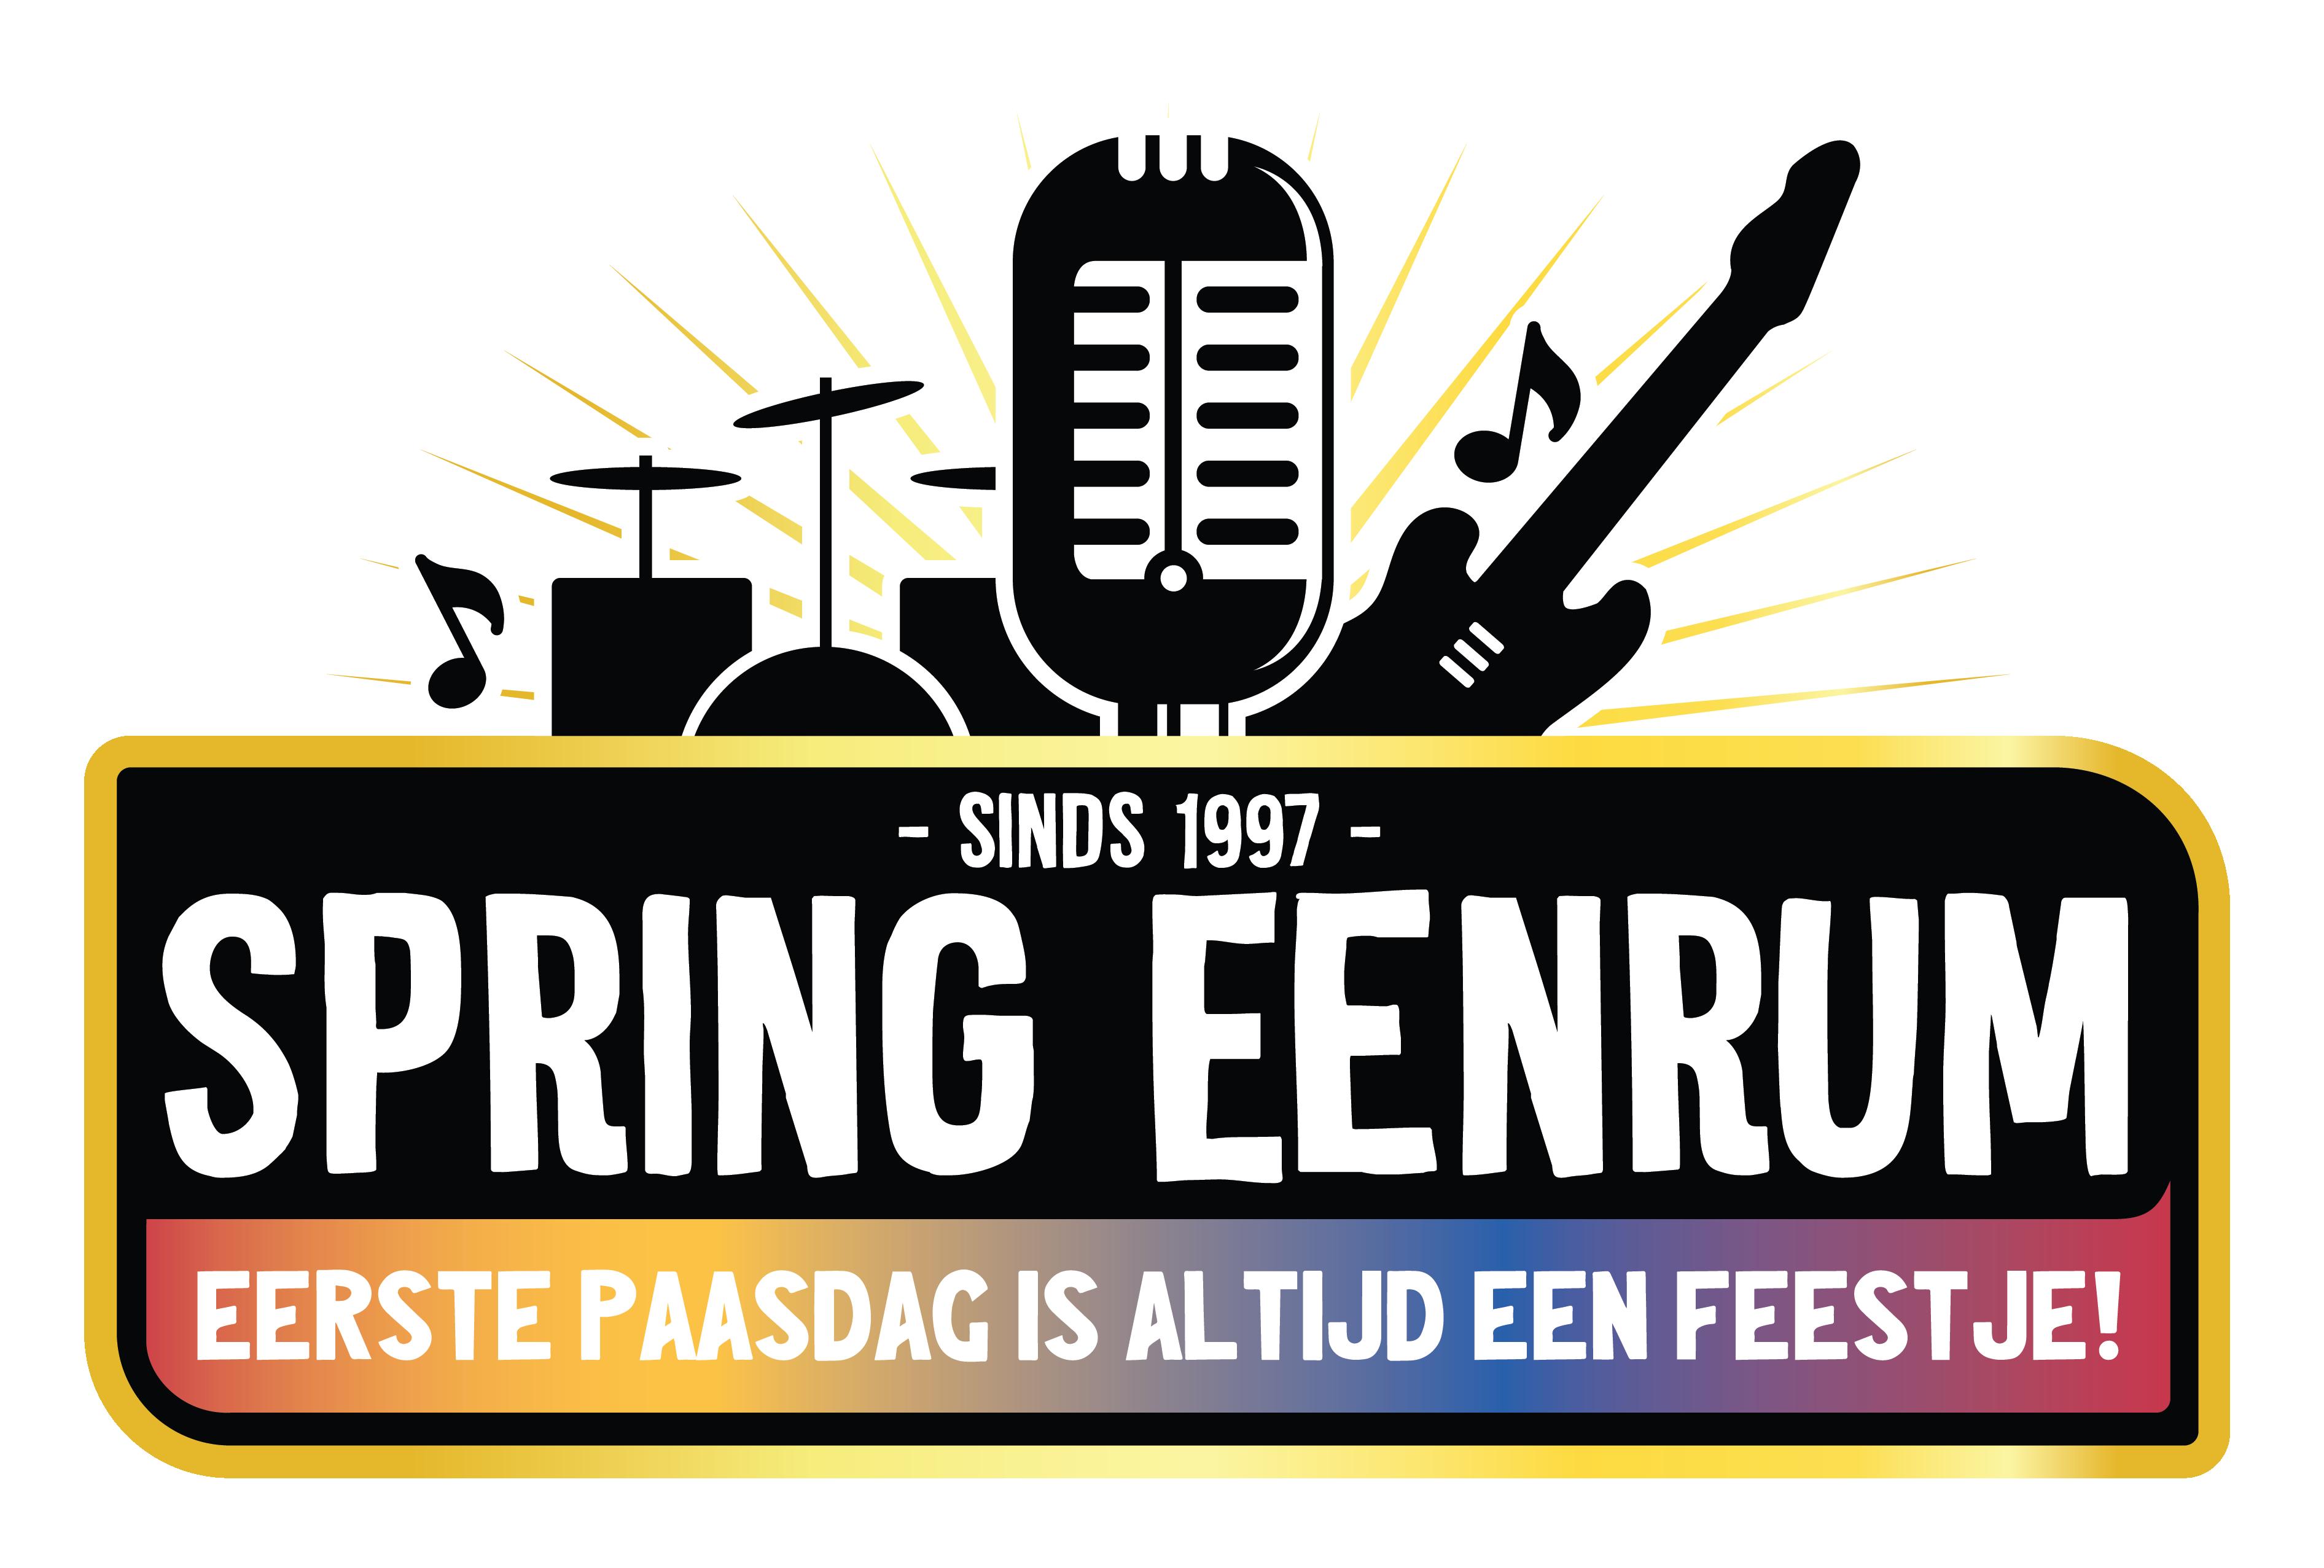 Spring Eenrum